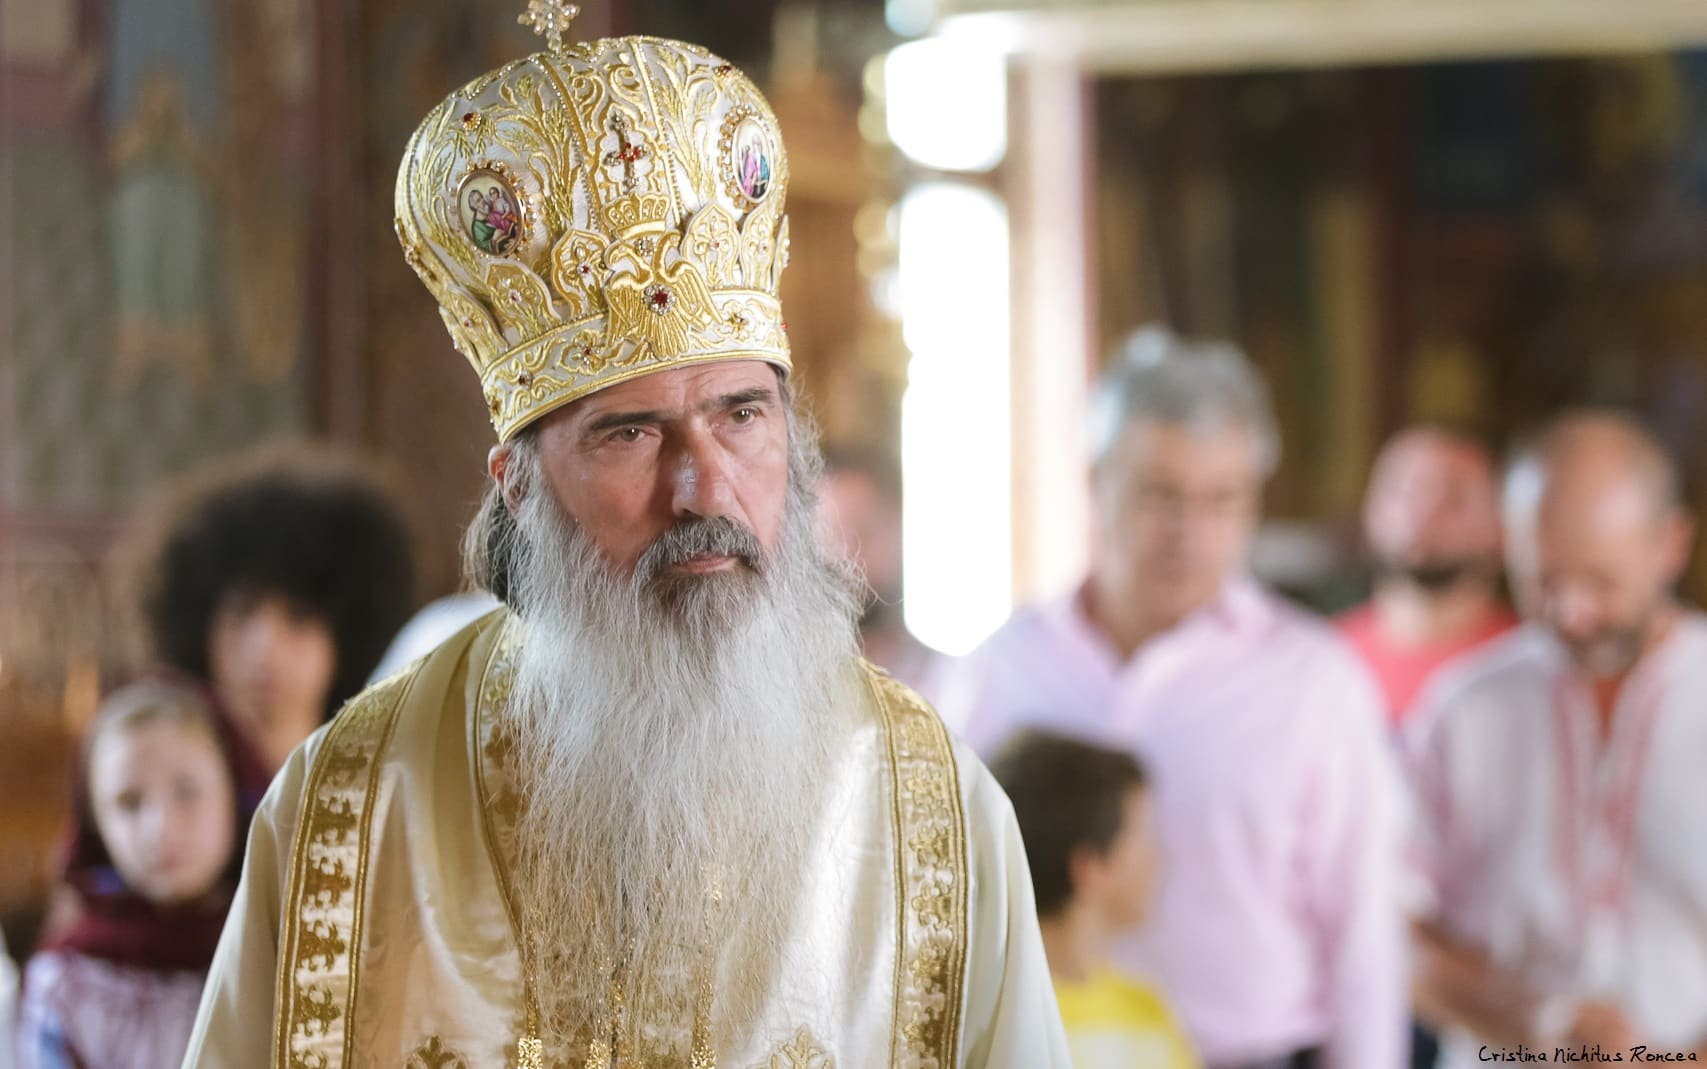 """ÎPS Teodosie, linșat pentru o declarație canonică elementară sau pentru că a criticat """"căsătoria"""" homosexualilor? Catolicii nu se roagă la protestanți și, teoretic, PNL-iștii nu merg la ședințele PSD. Ortodocșii de ce ar face altfel?"""